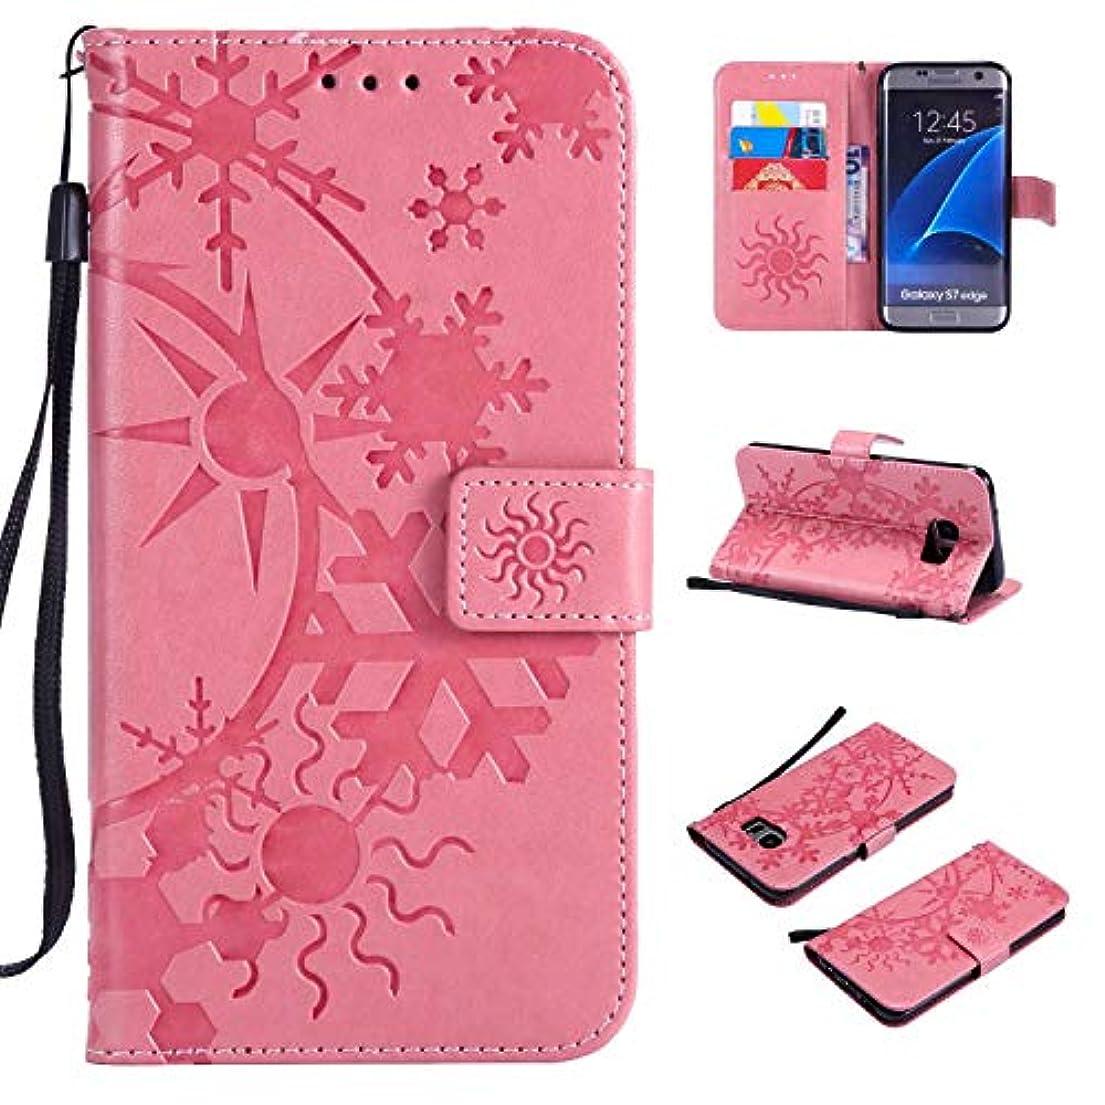 退却ストレージ非常に怒っていますGalaxy S7 Edge ケース CUSKING 手帳型 ケース ストラップ付き かわいい 財布 カバー カードポケット付き Samsung ギャラクシー S7 Edge マジックアレイ ケース - ピンク